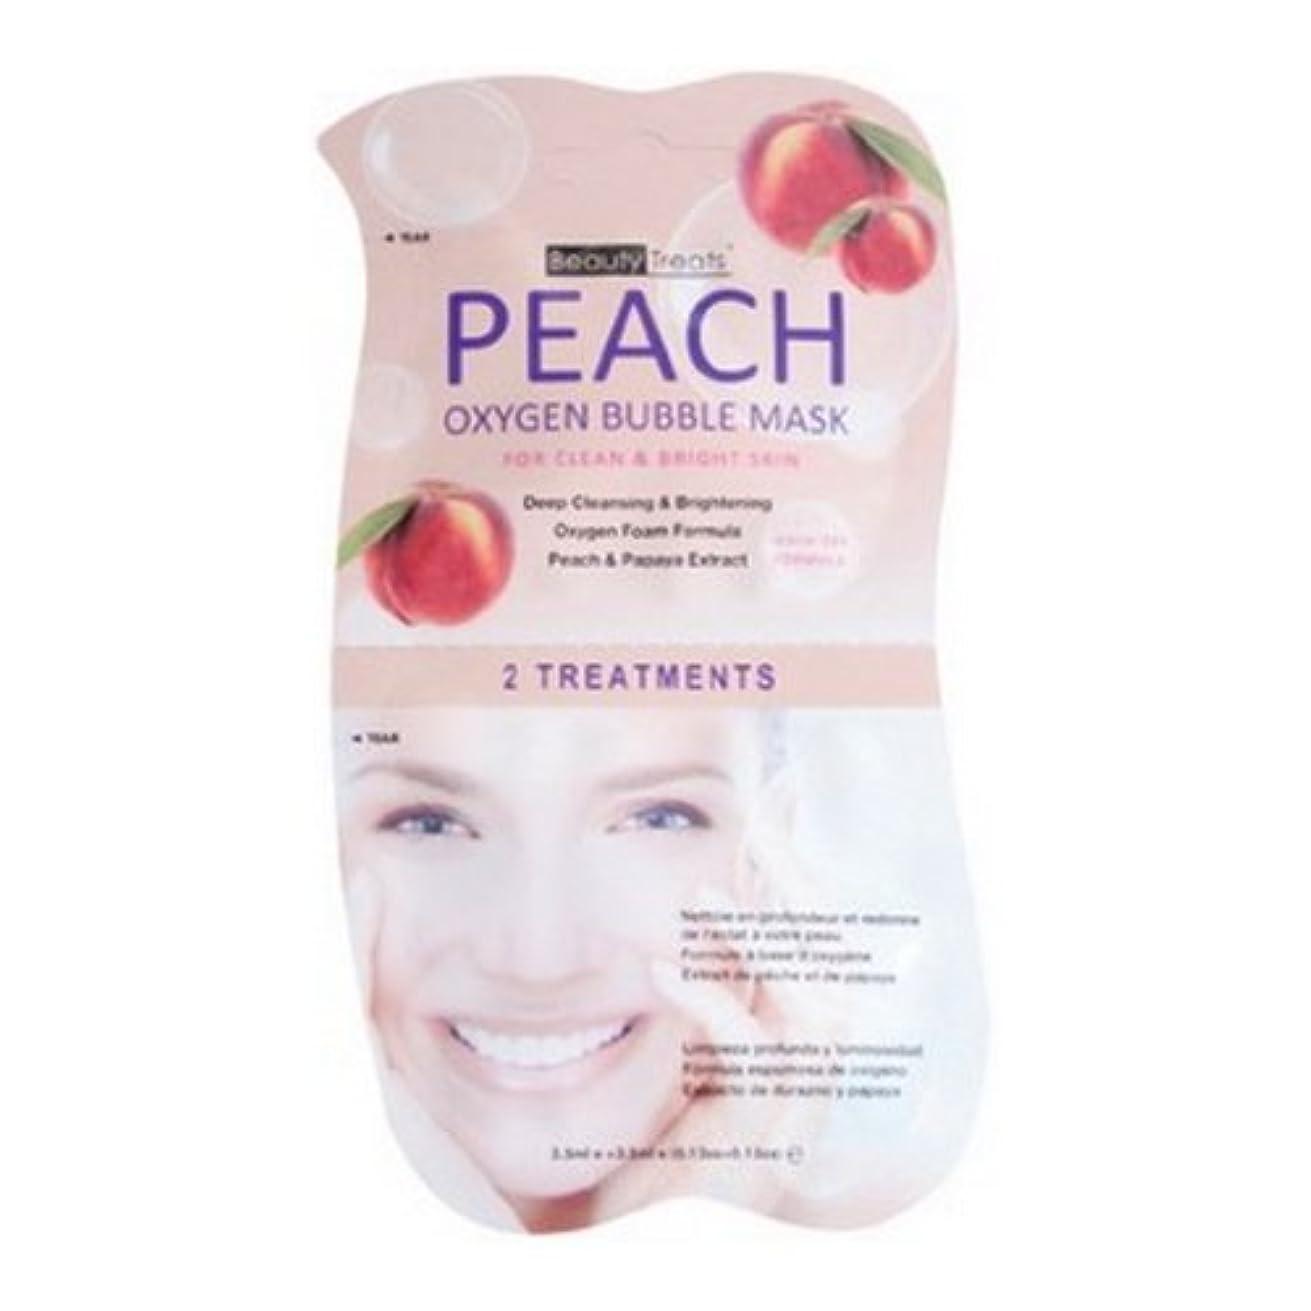 大学塩辛い時々時々(6 Pack) BEAUTY TREATS Peach Oxygen Bubble Mask - Peach (並行輸入品)